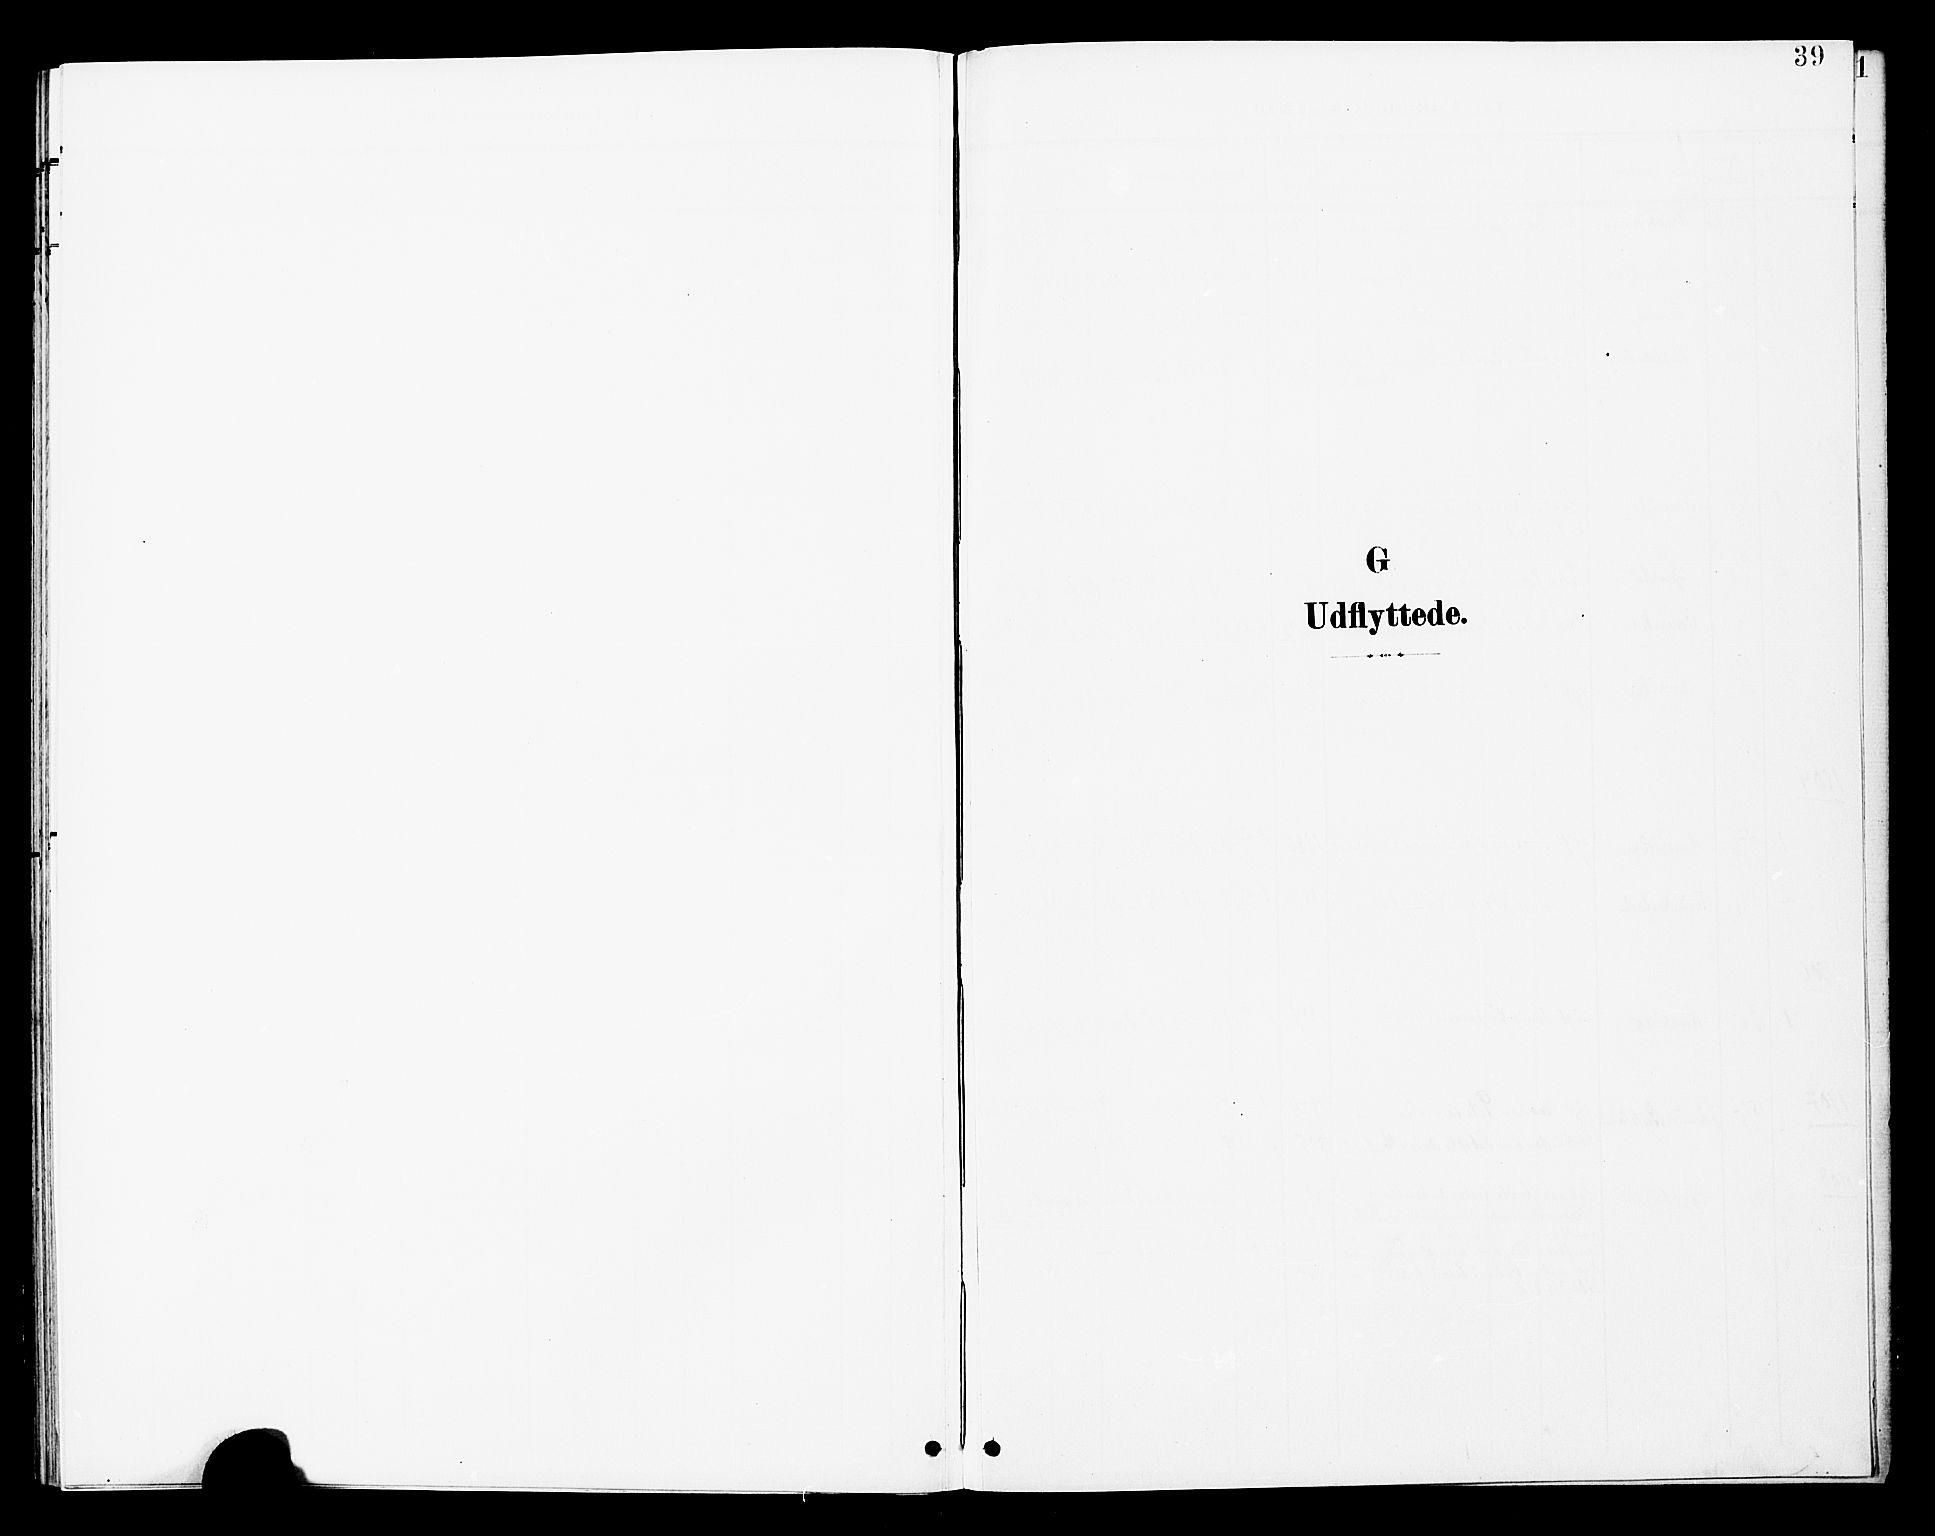 SAT, Ministerialprotokoller, klokkerbøker og fødselsregistre - Nord-Trøndelag, 748/L0464: Ministerialbok nr. 748A01, 1900-1908, s. 39